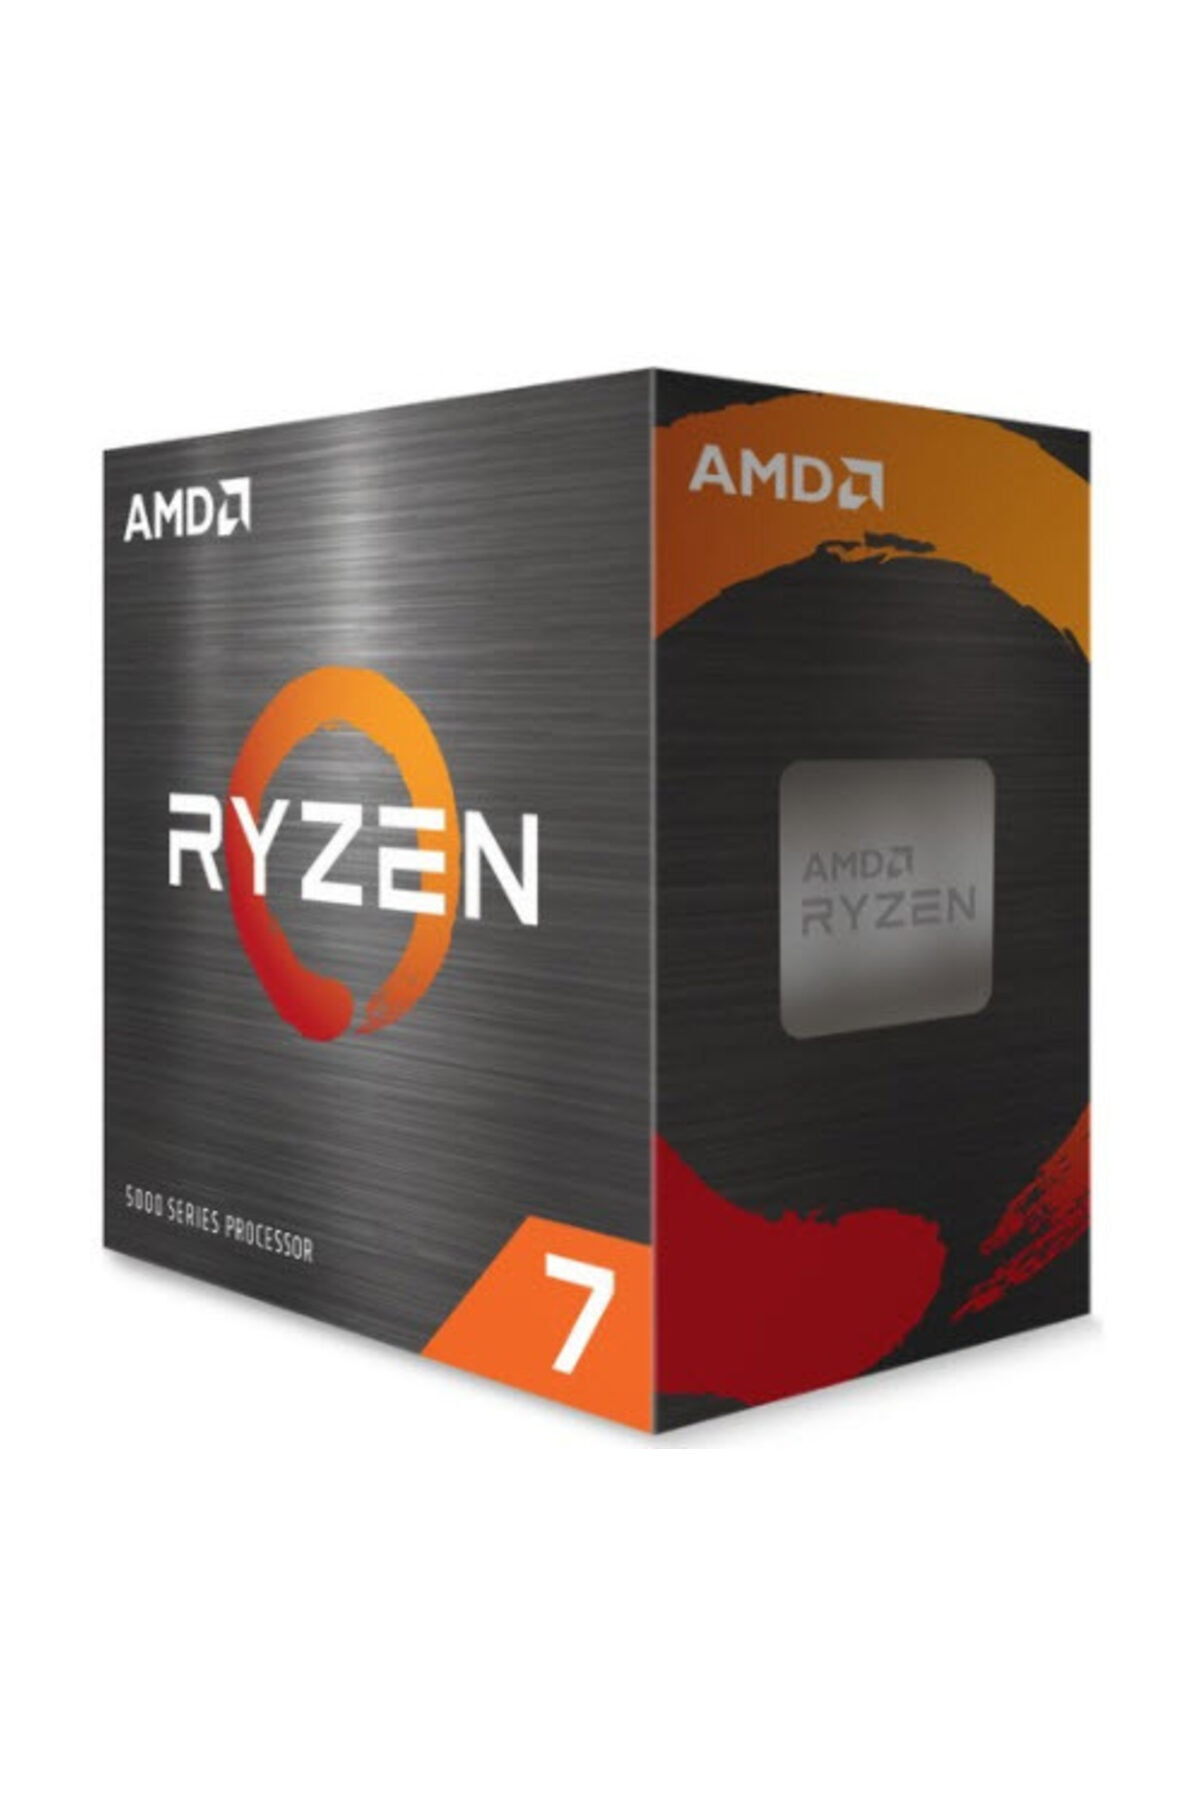 Amd Ryzen 7 5800X 3.8GHz 36MB Cache Soket AM4 İşlemci 2